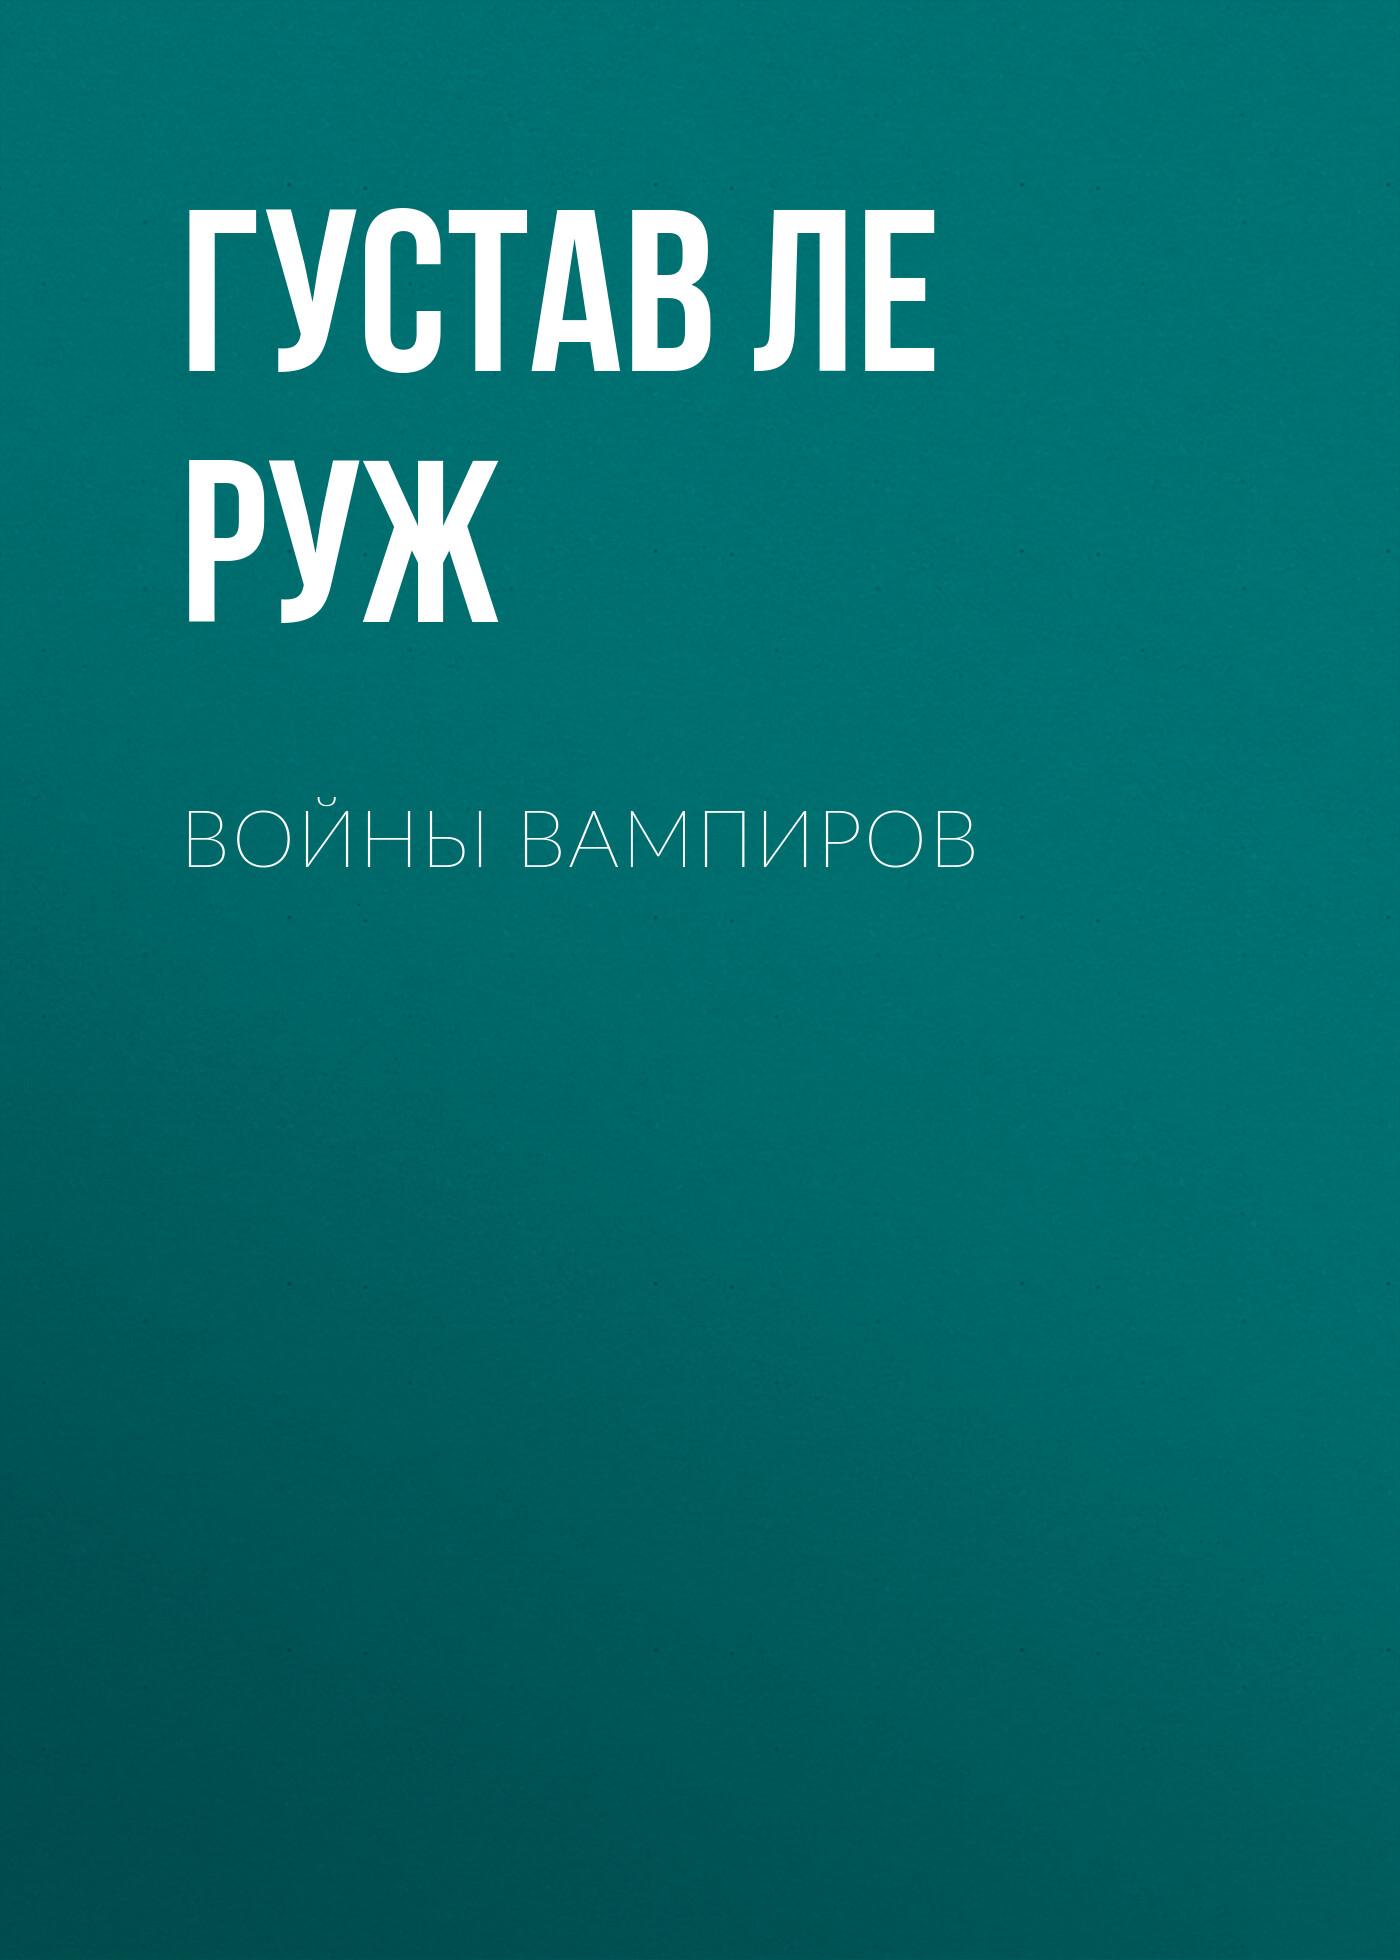 Войны вампиров_Густав Ле Руж